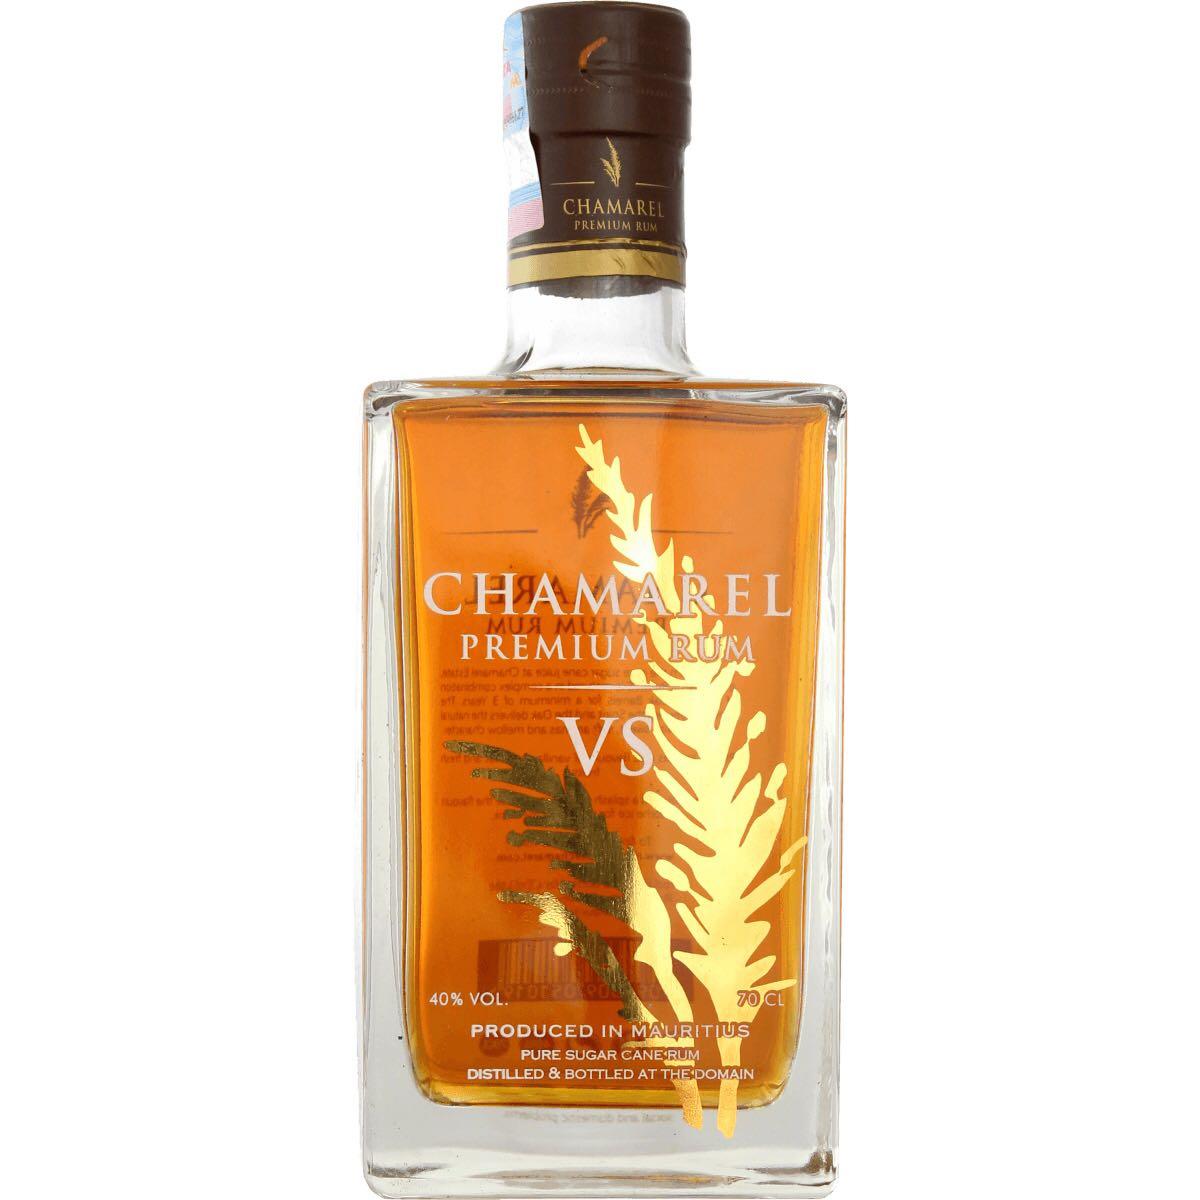 Bottle image of VS